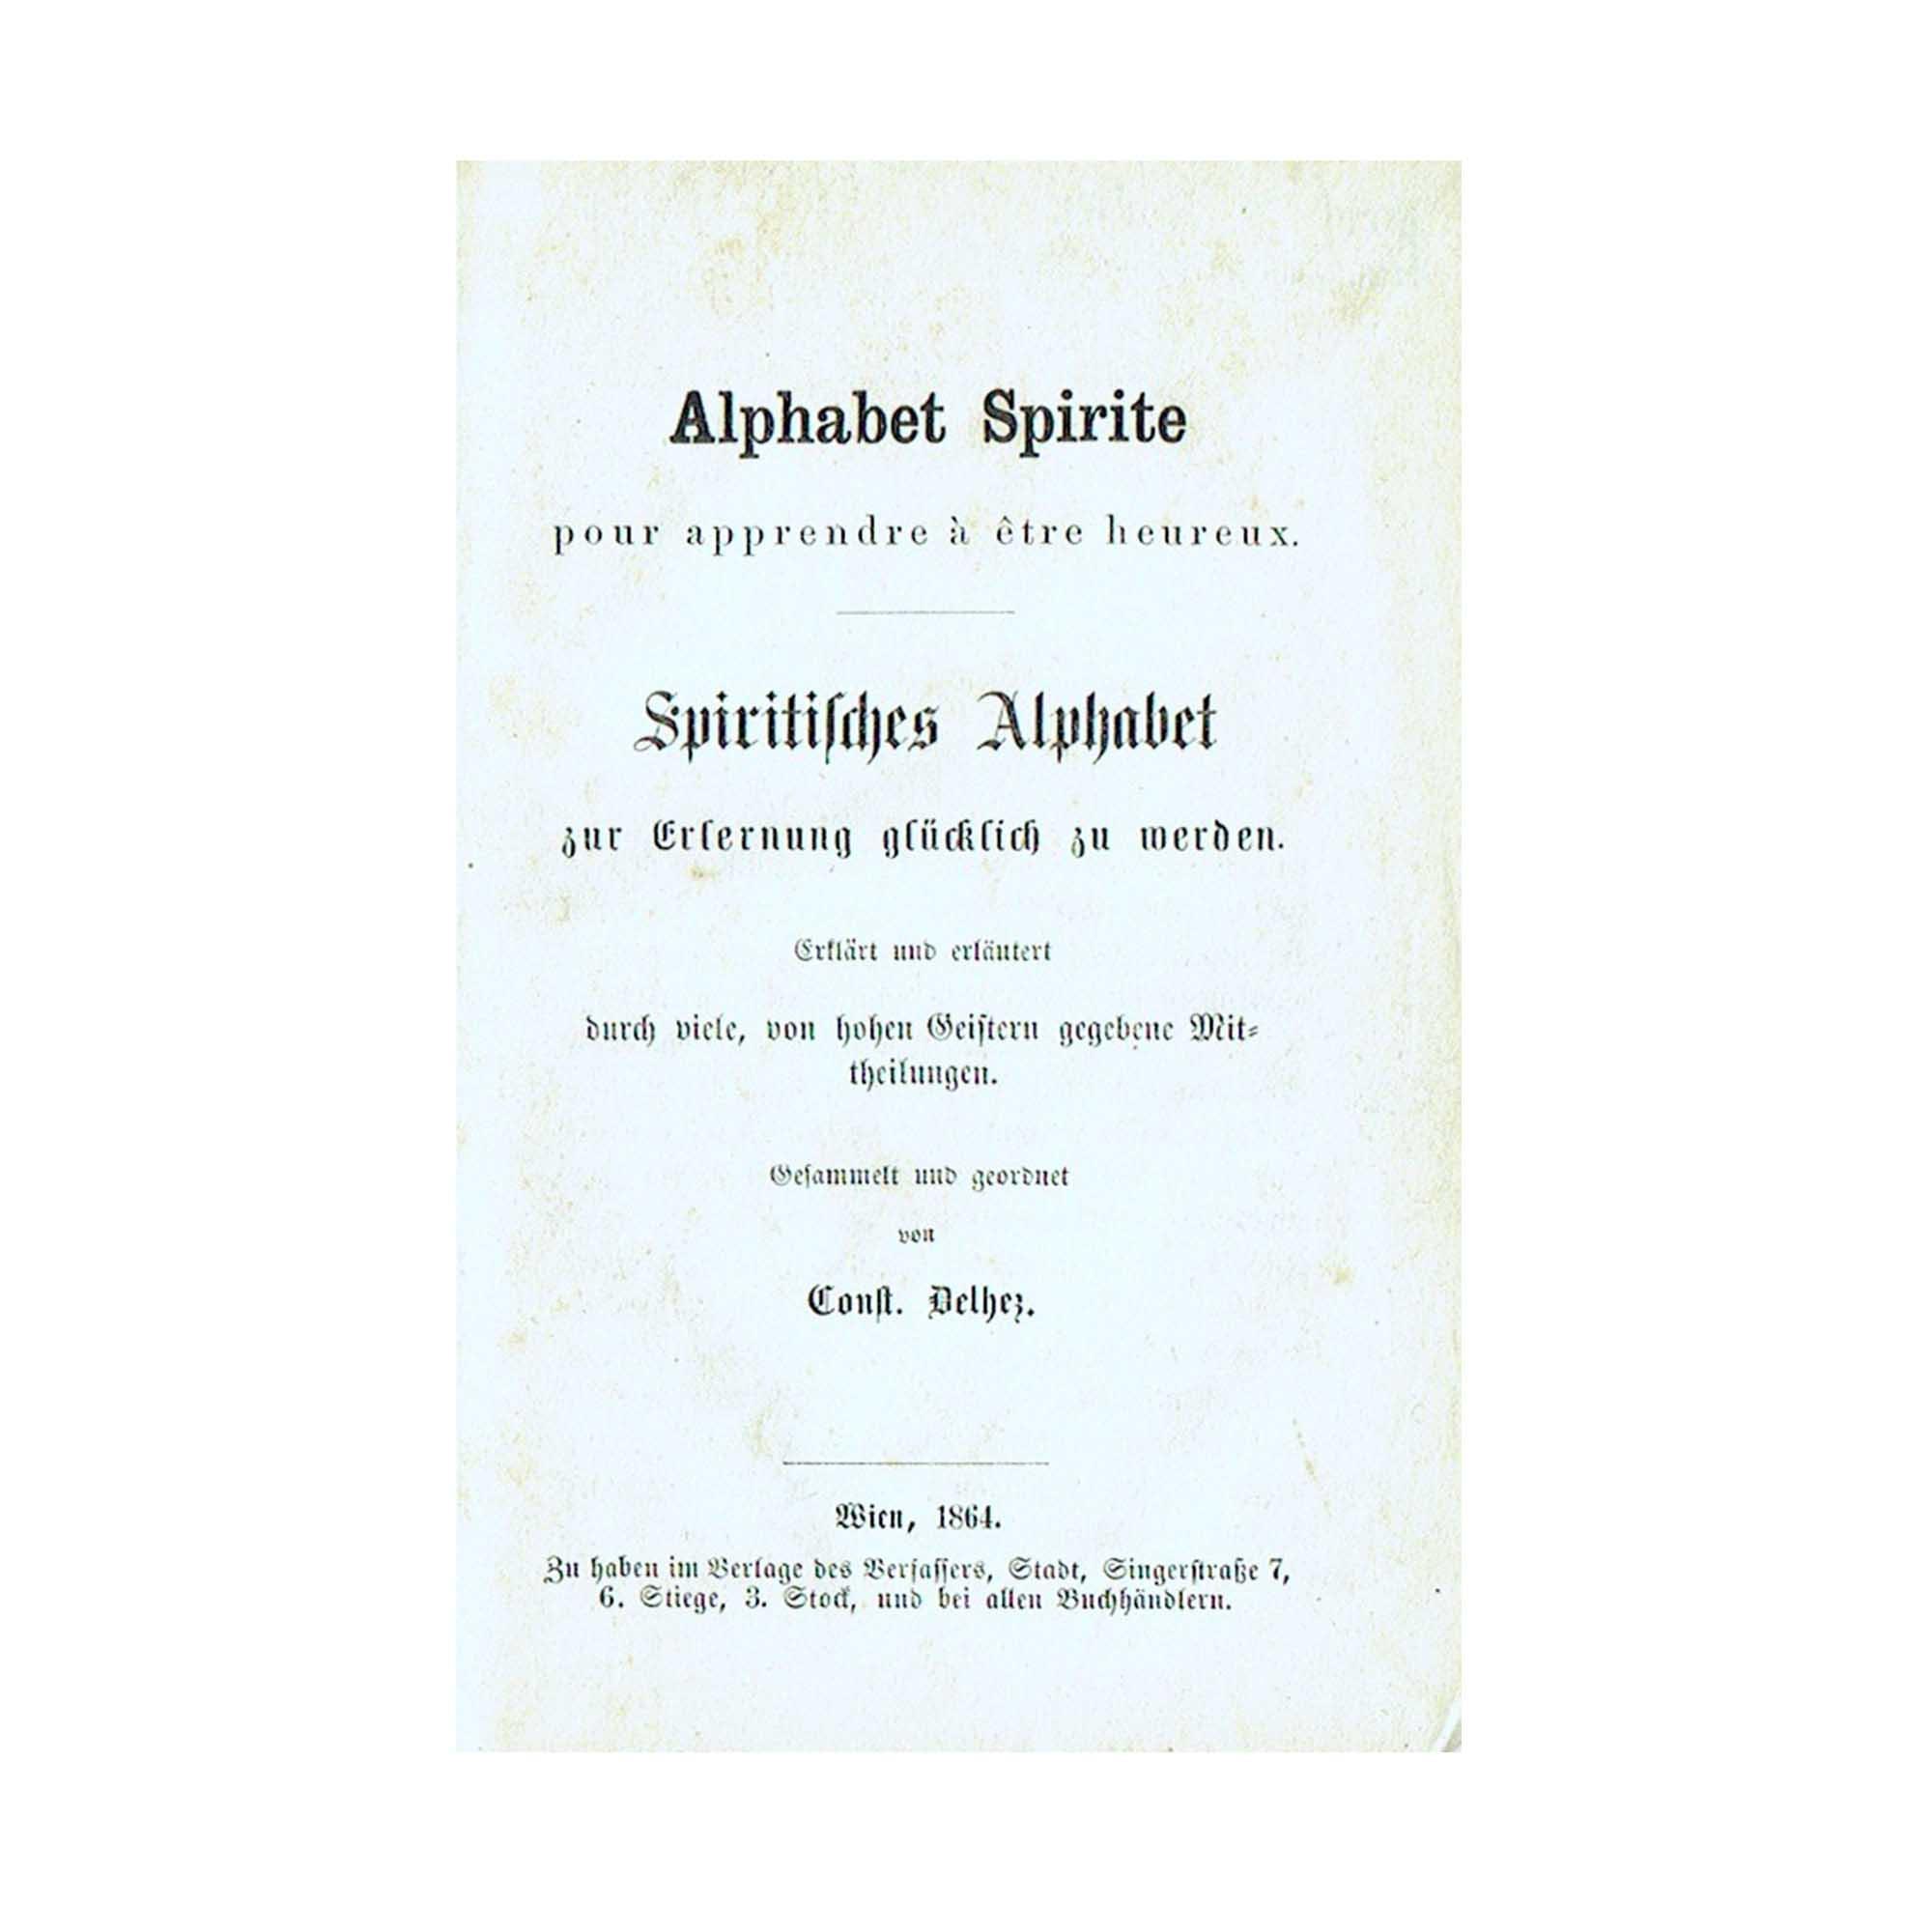 5459-Delhez-Spiritistische-Alphabet-1864-Titel-N.jpg